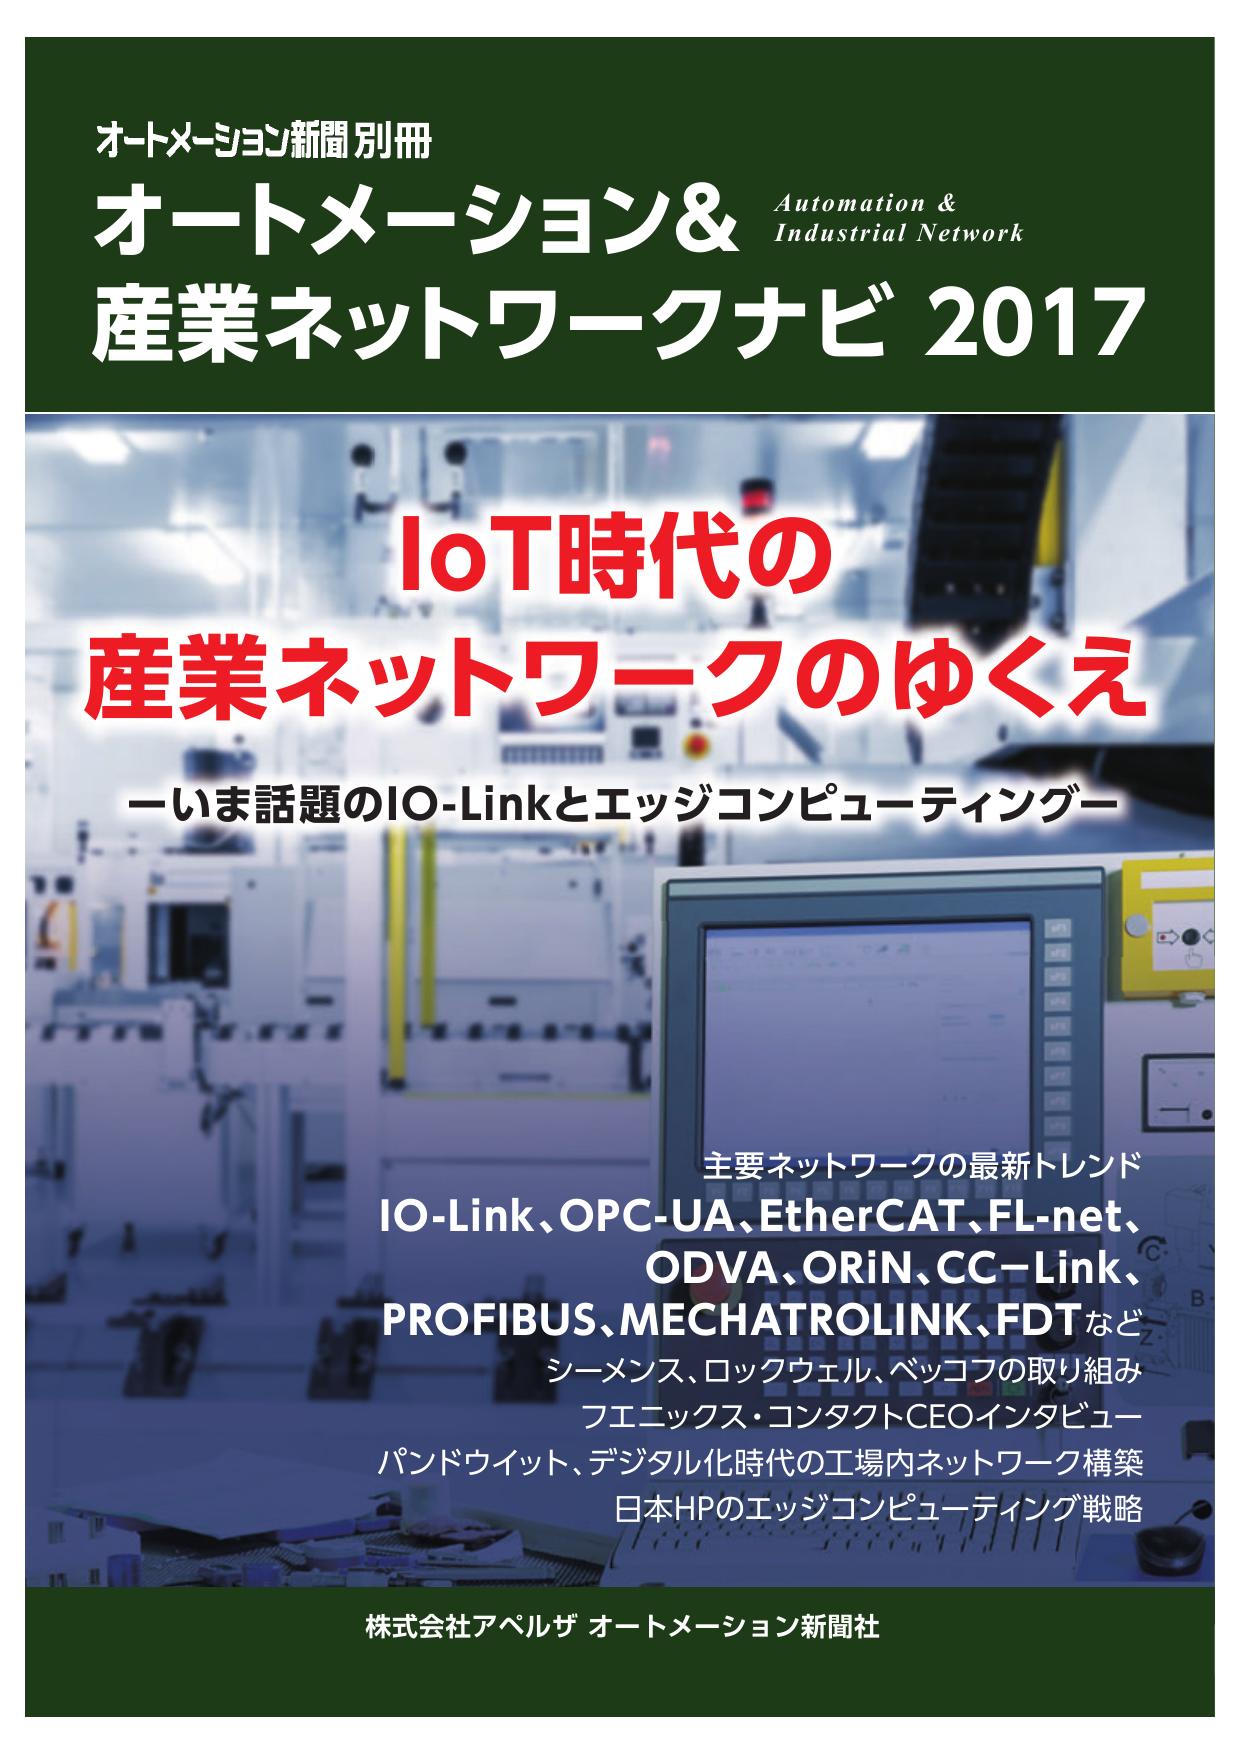 オートメーション&産業ネットワークナビ 2017 ダイジェスト版